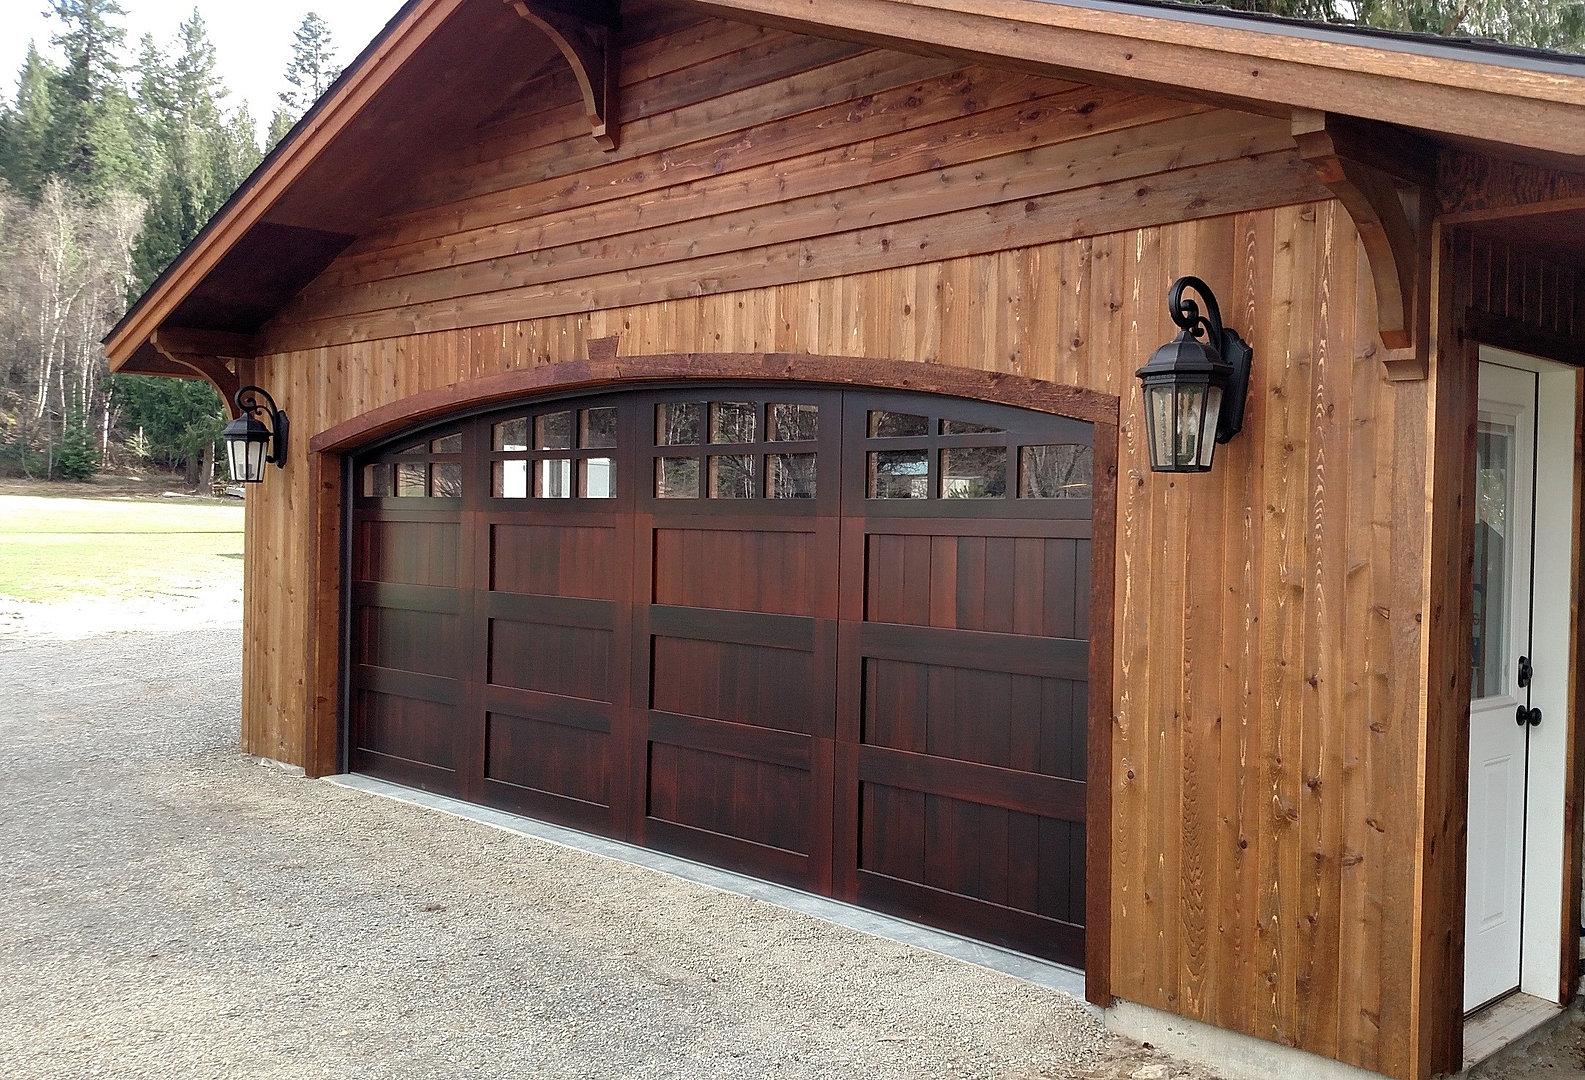 1080 #8D613E Valencia Ca Garage Doors Garage Door Installers Newport Beach picture/photo Specialty Garage Doors 36891585